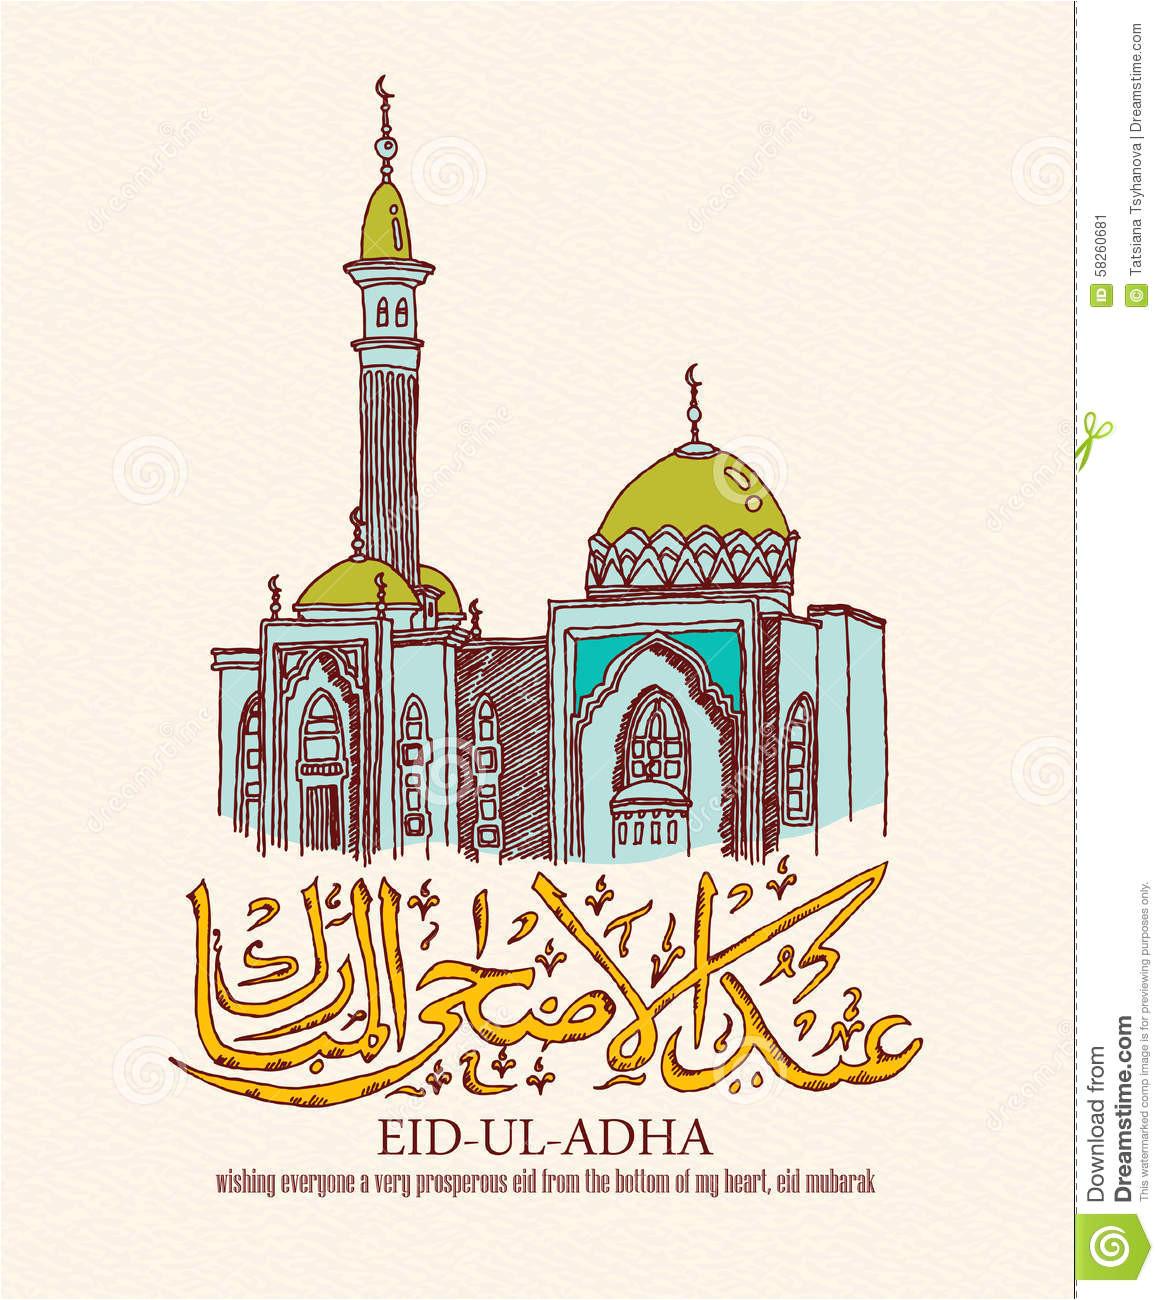 eid ul adha greeting card arabic islamic calligraphy text old mosque retro style muslim community festival 58260681 jpg